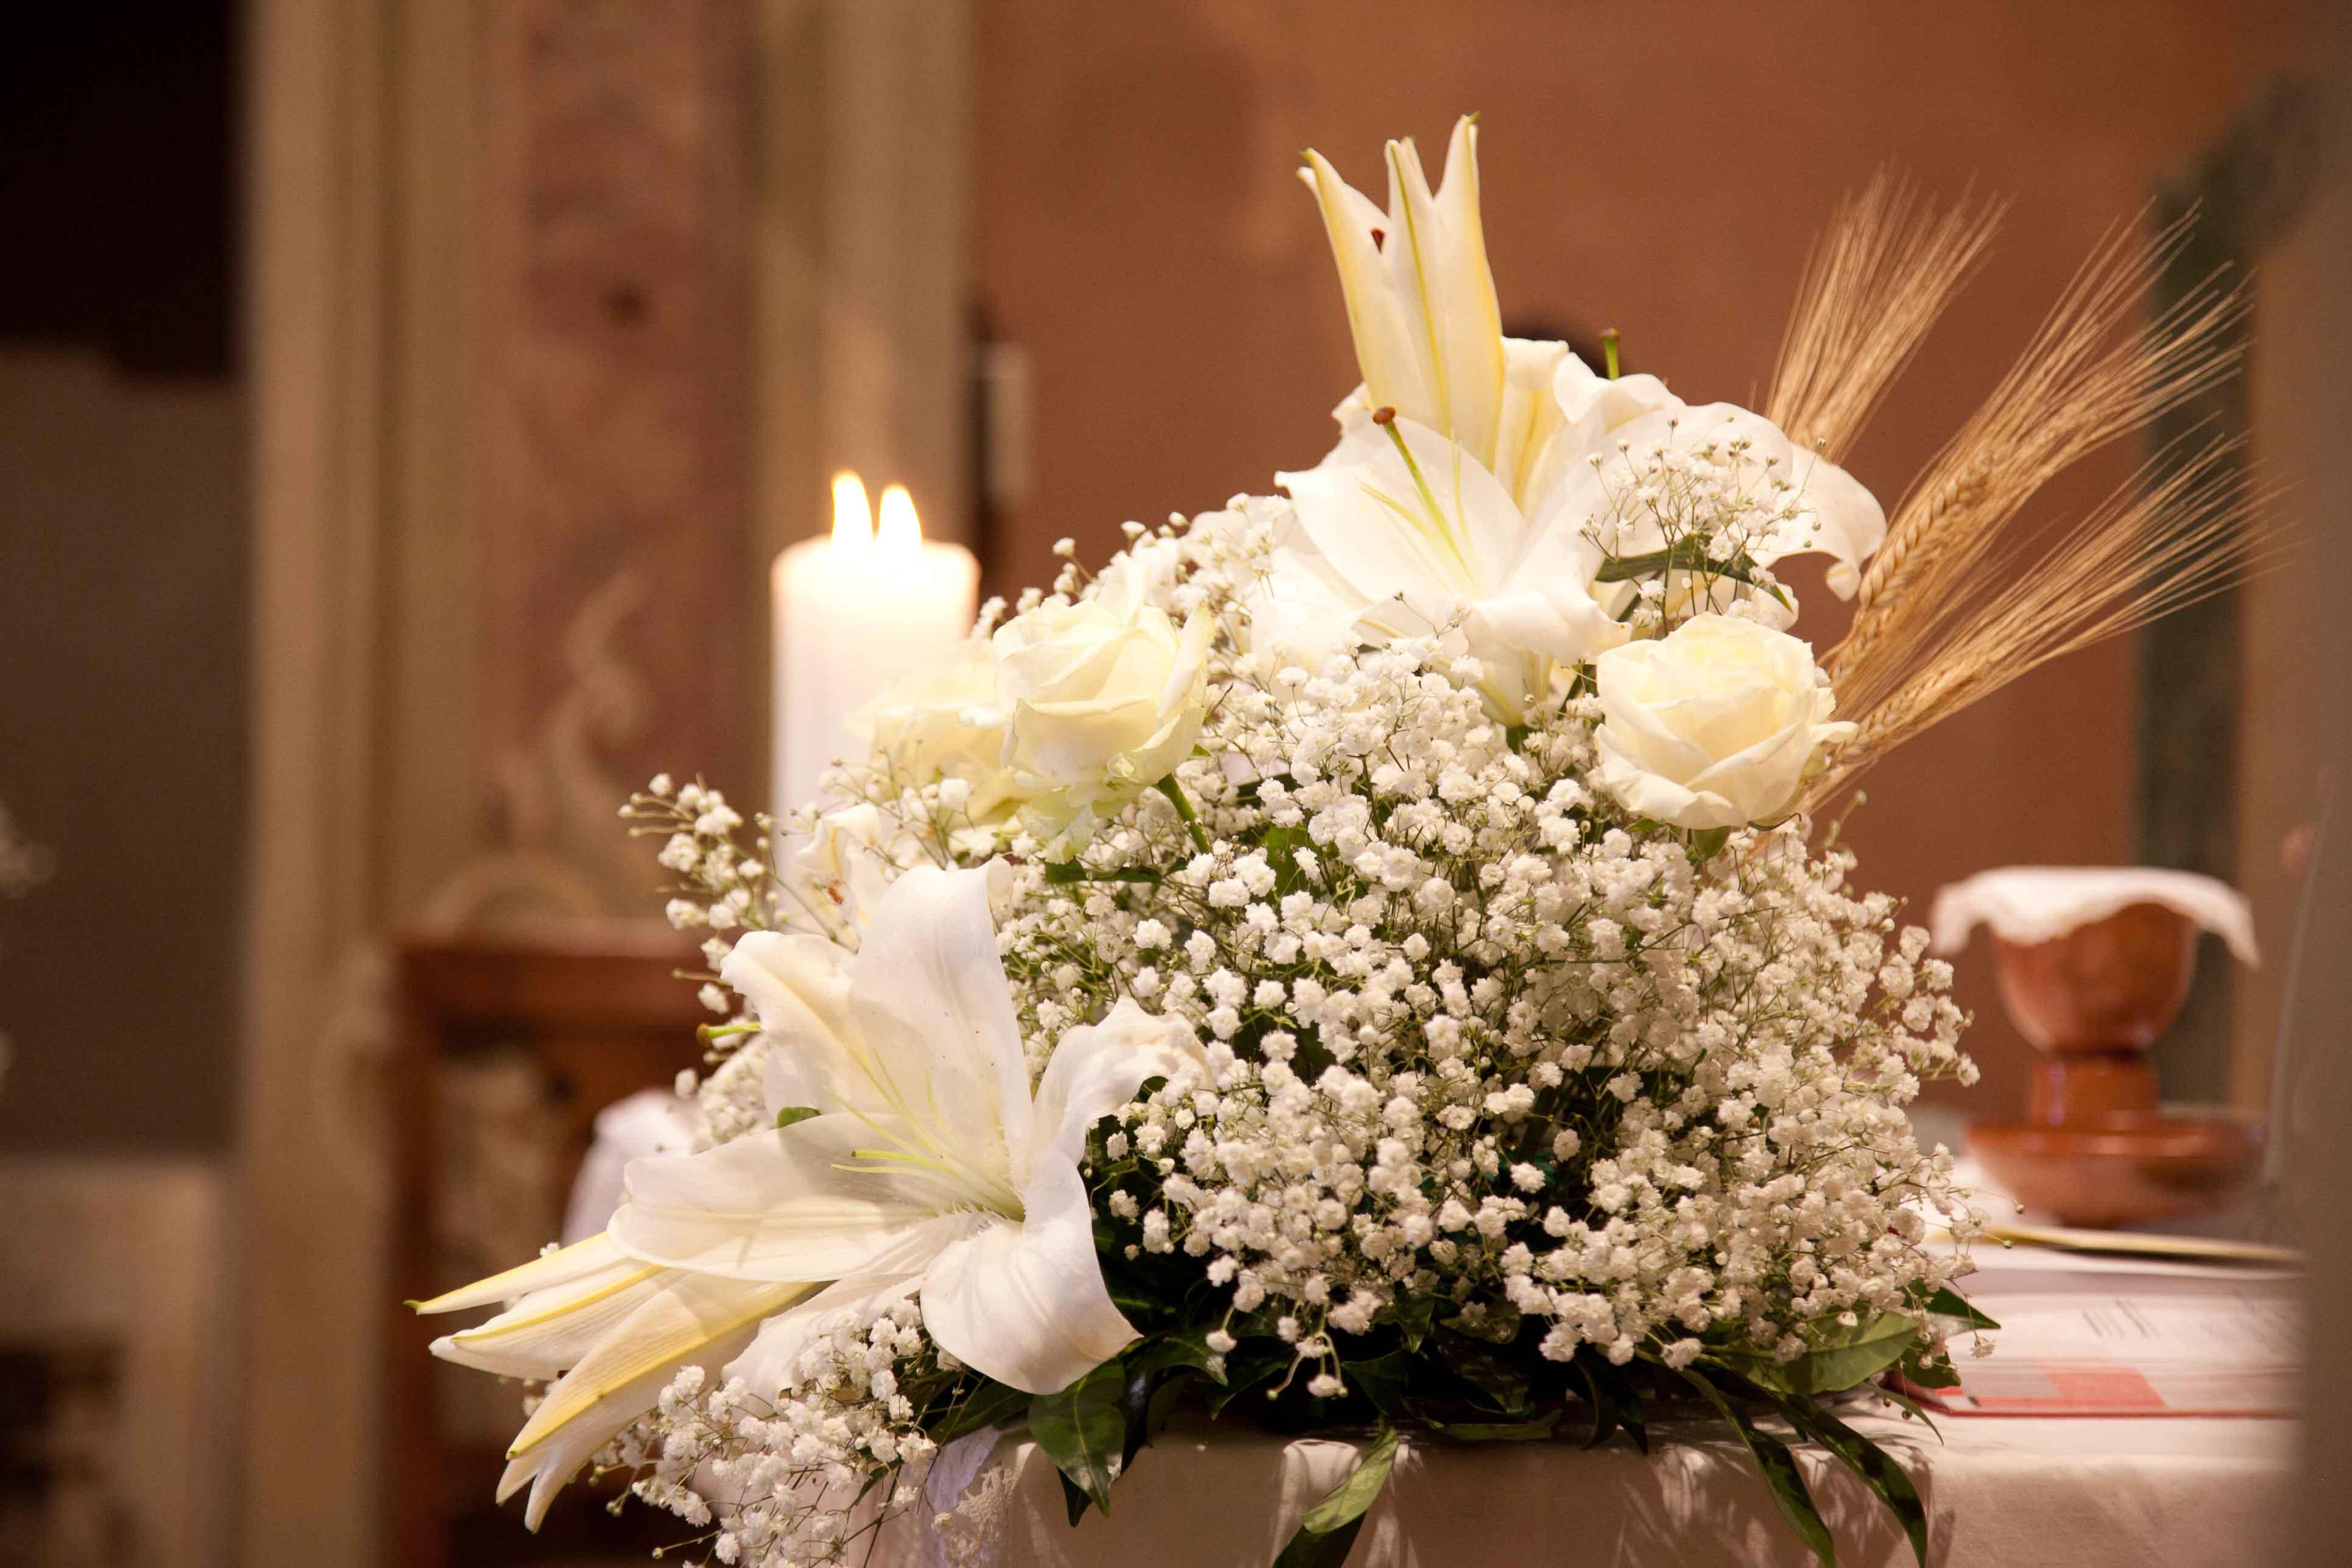 Composizioni floreali per la Chiesa